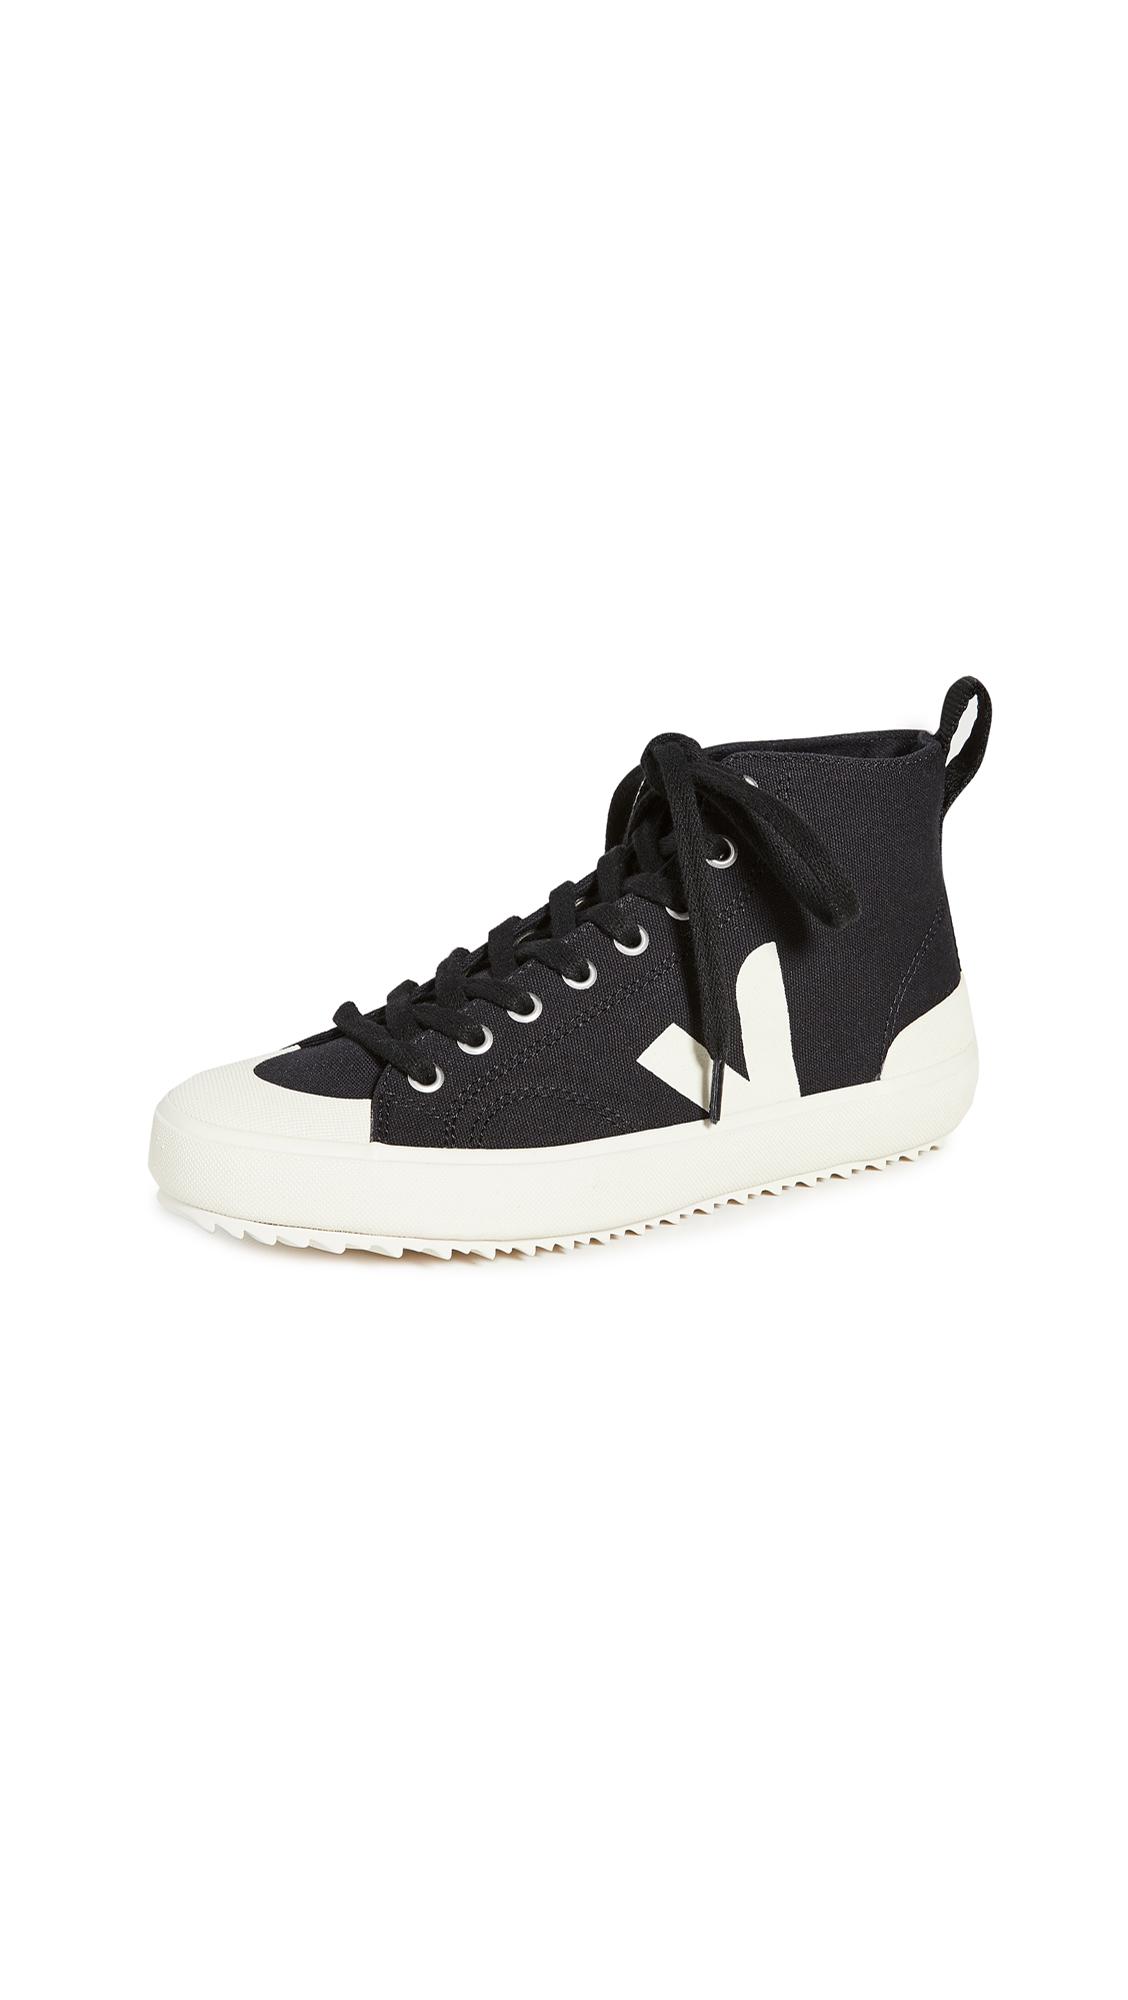 Veja Nova Ht Vegan Sneakers